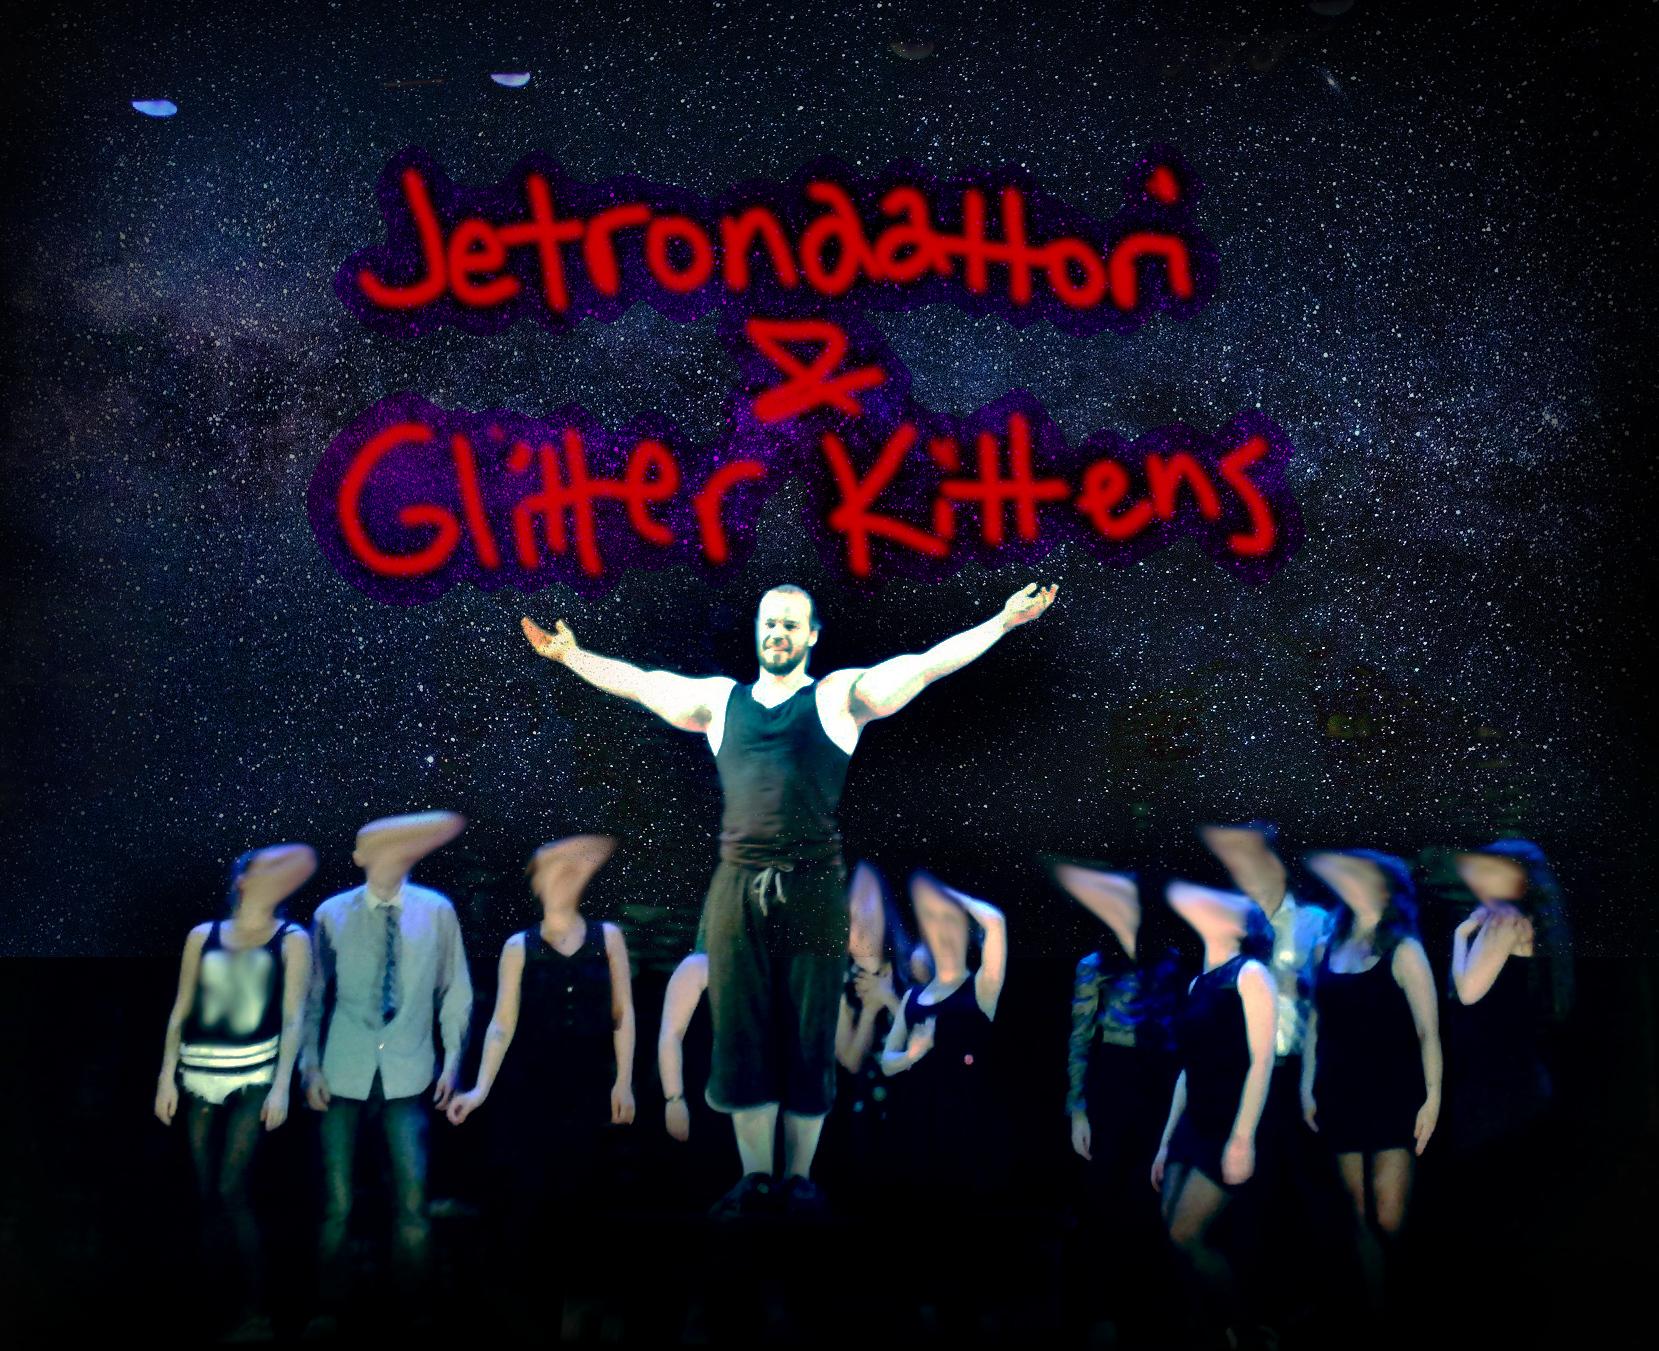 Jetronaattori & Glitter Kittens